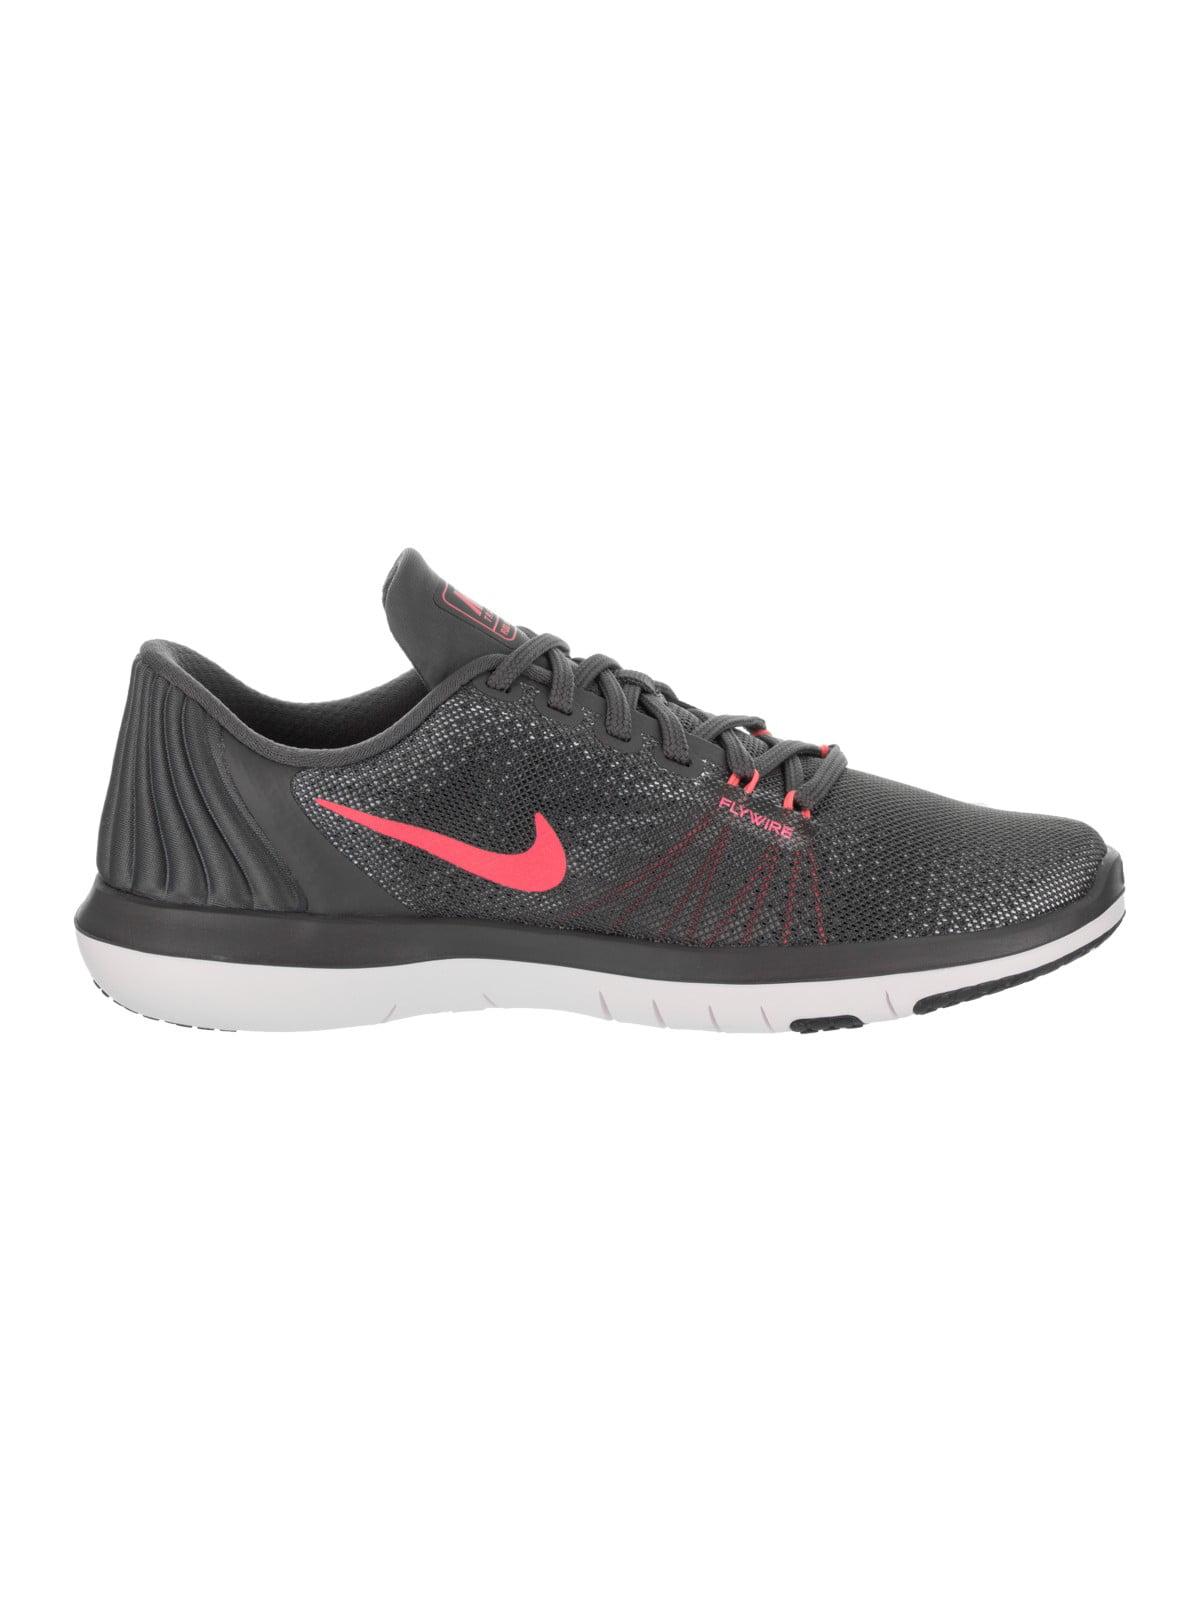 51a800885c92d Nike Women s Flex Supreme Tr 5 Training Shoe